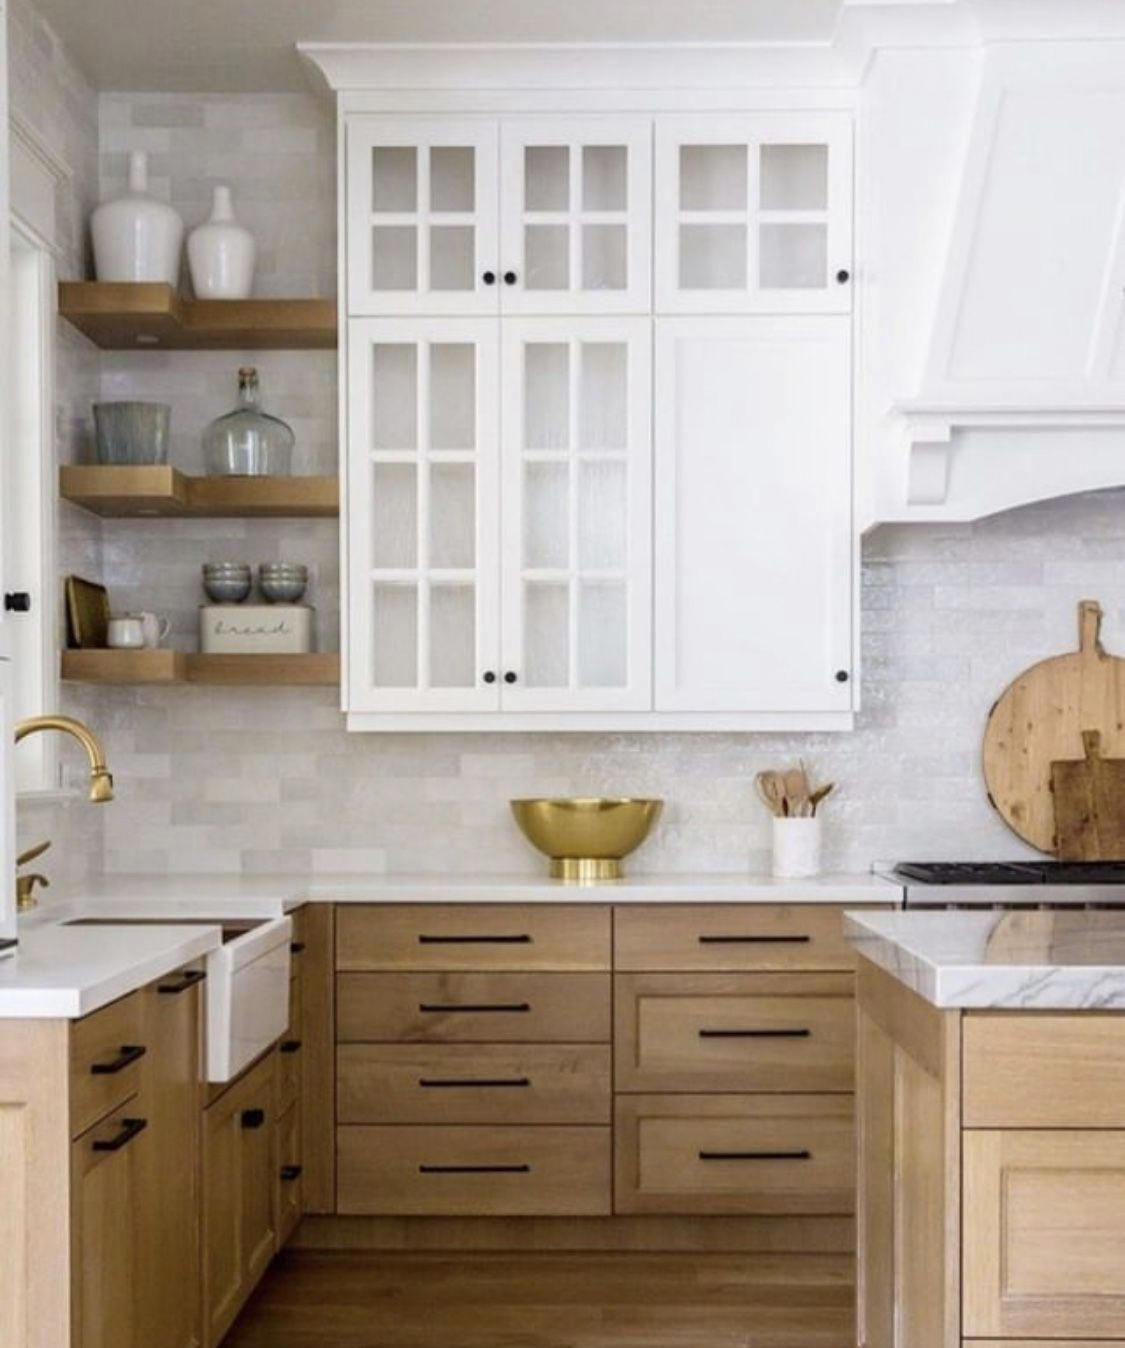 Mis A Part Le Robinet Et Le Vase En Laiton Cette Cuisine Est Jolie Quartersawn White Oak Kitchen Ca In 2020 Kitchen Cabinet Trends White Oak Kitchen Modern Kitchen